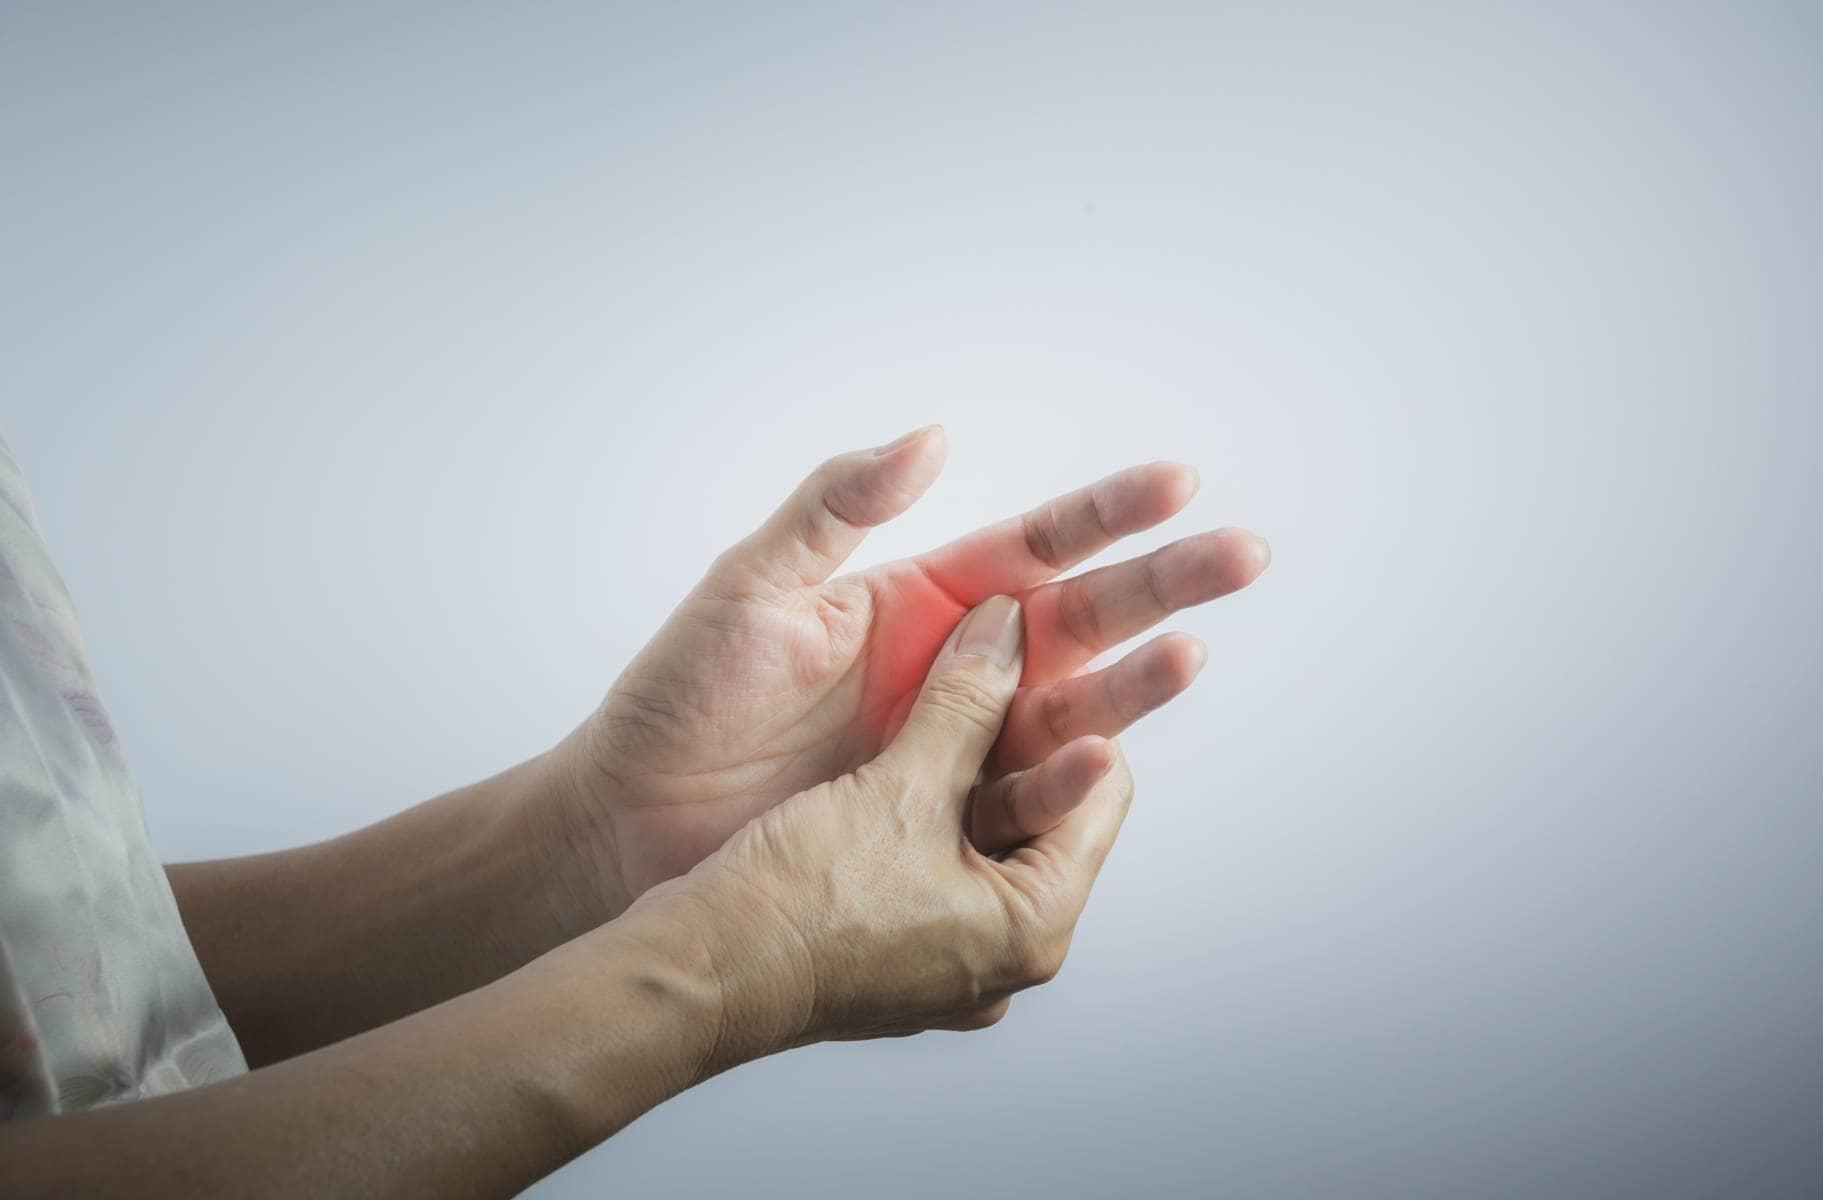 reumatism i händerna